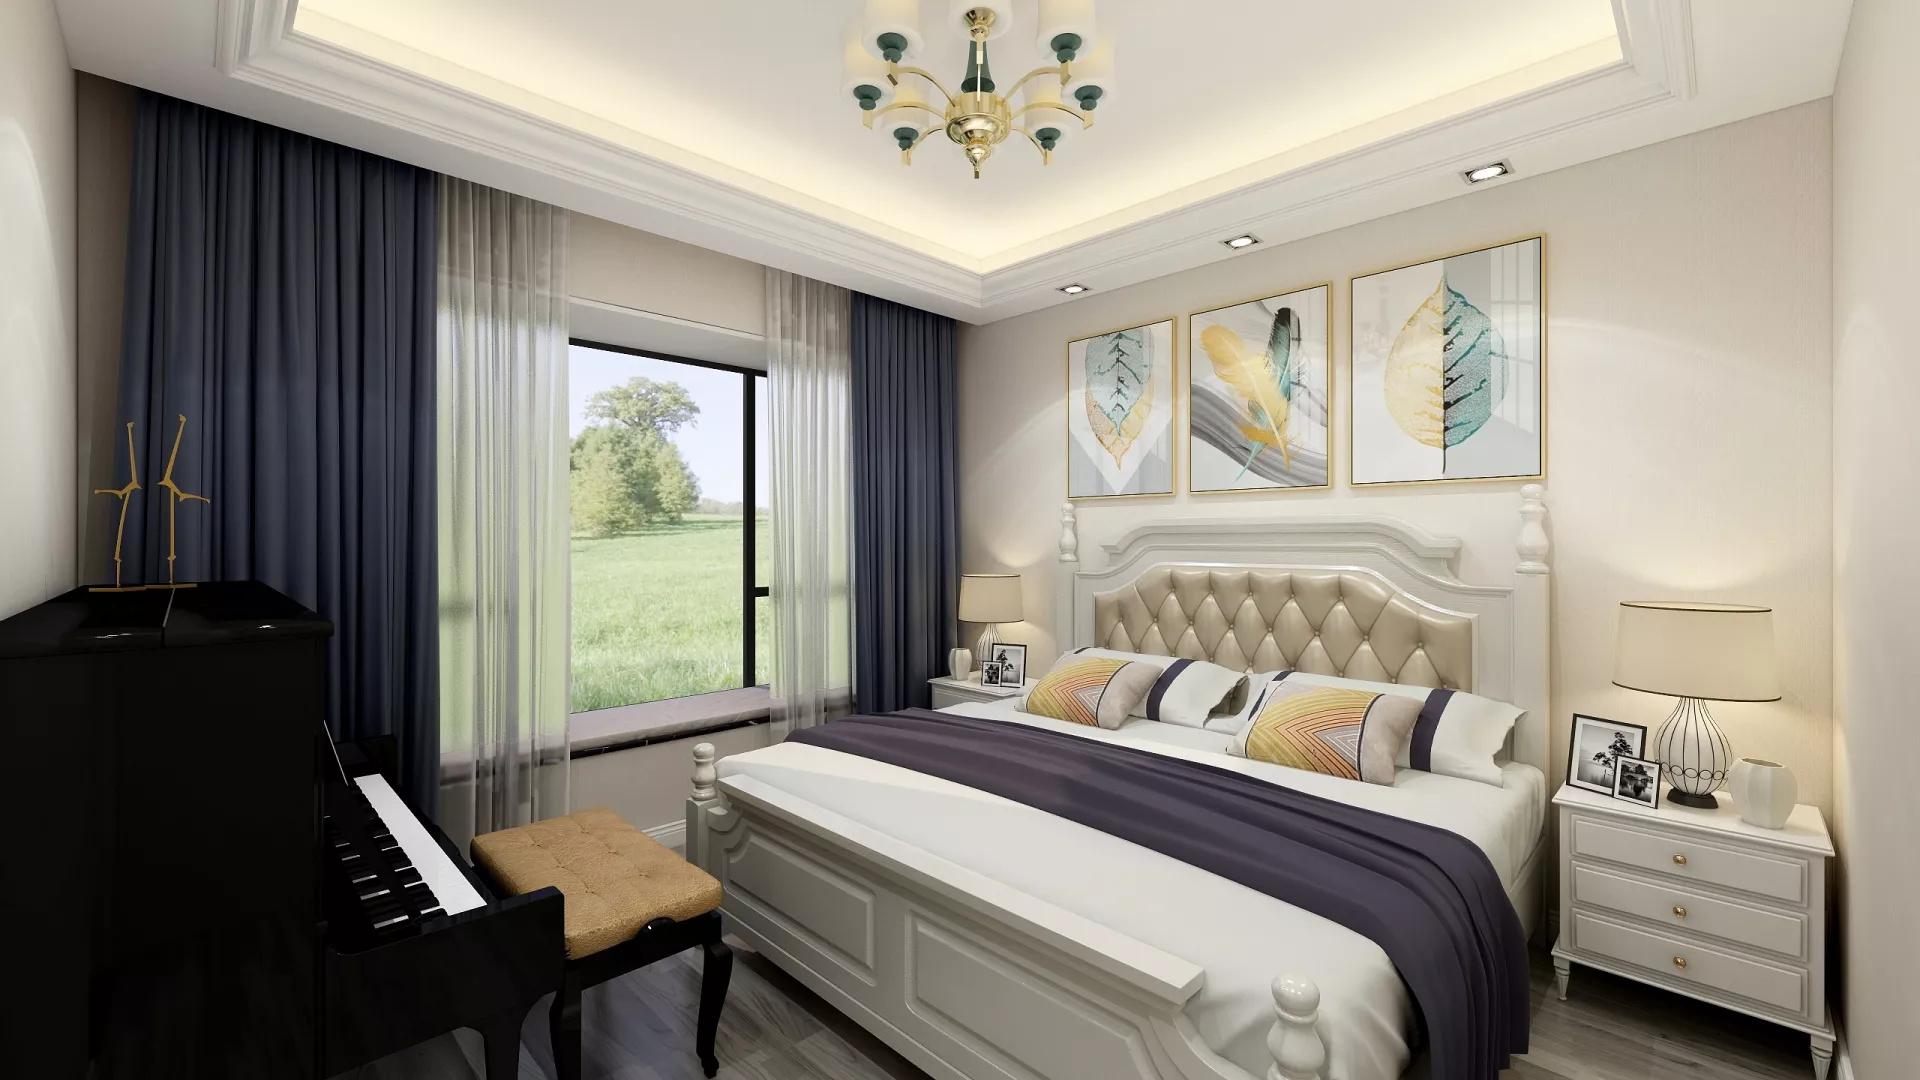 欧式风格浪漫唯美型卧室装修效果图